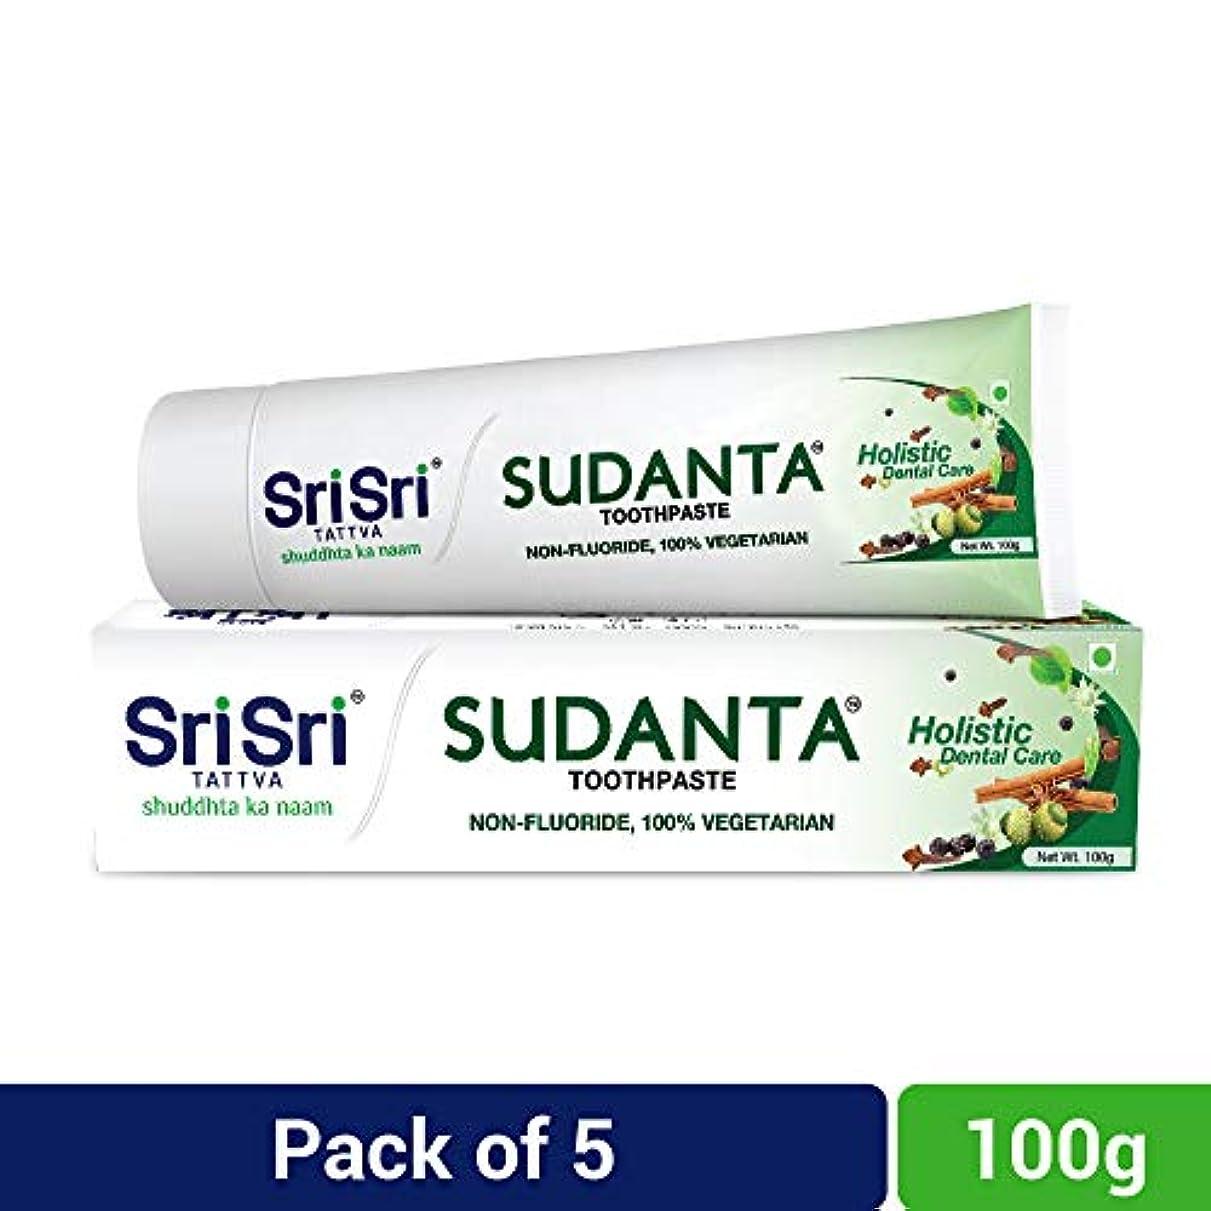 空白フルートリスクSri Sri Tattva Sudanta Toothpaste, 500gm (100 x Pack of 5)